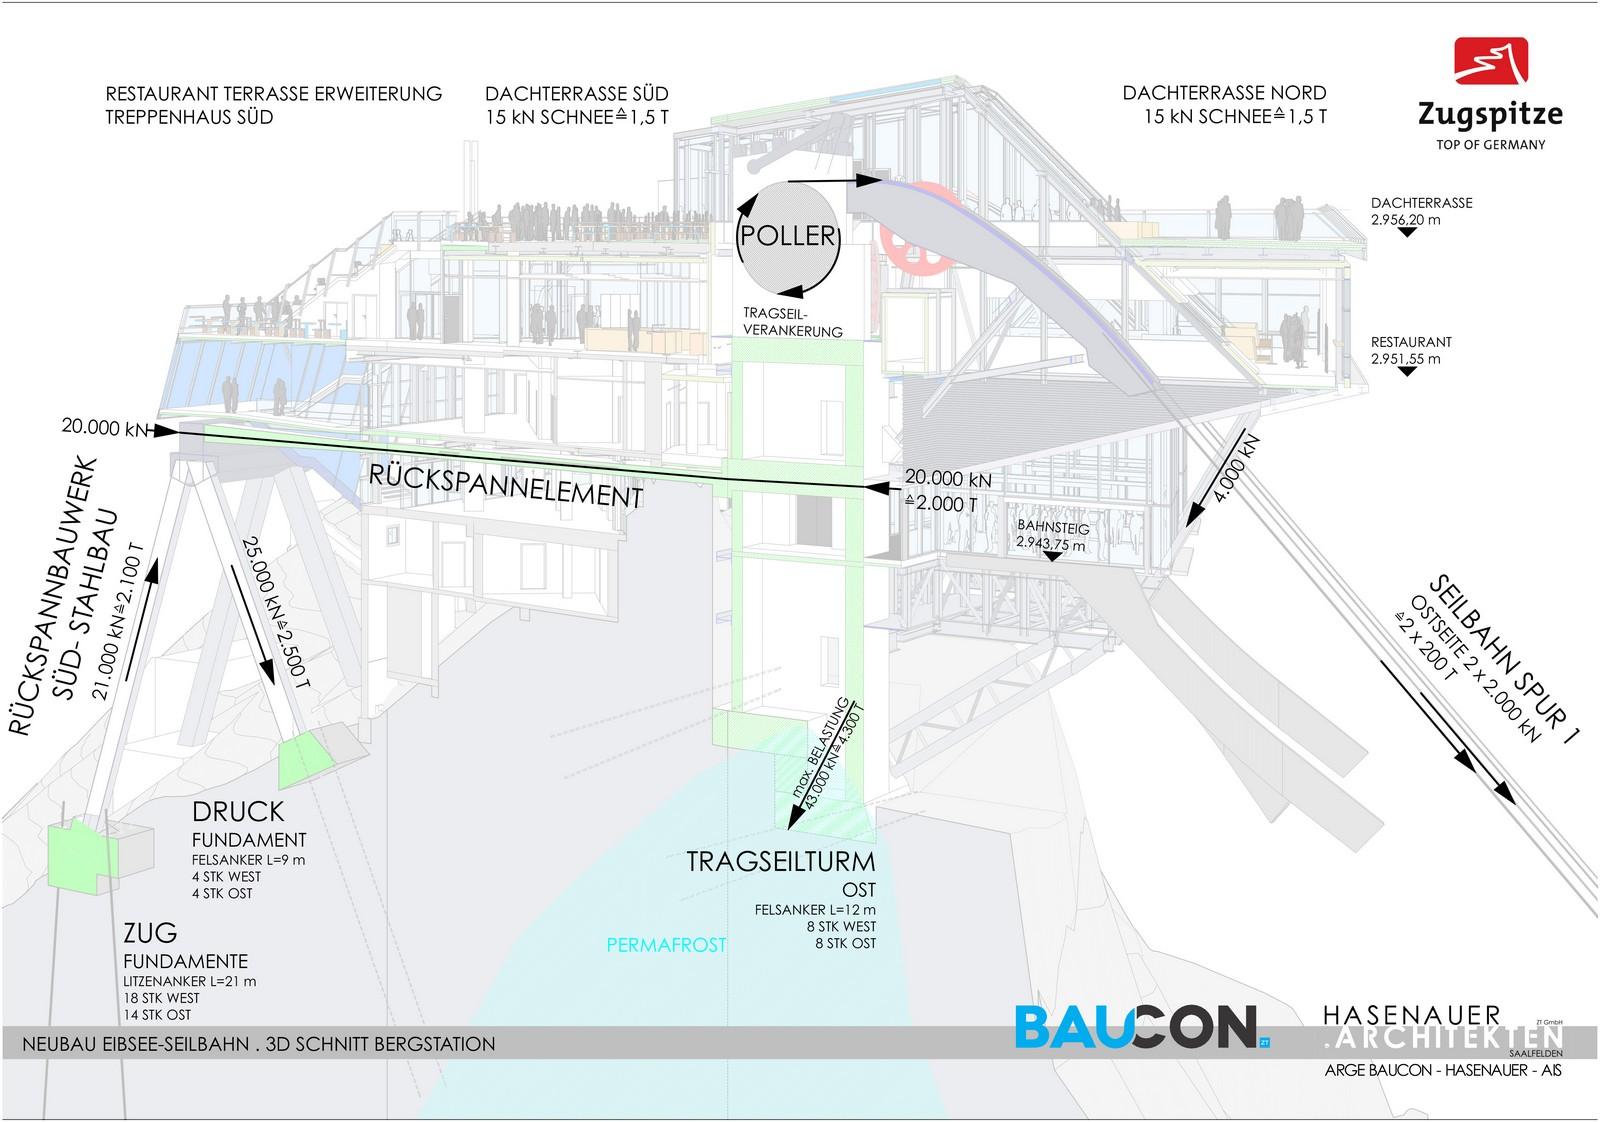 Architekten Bewertung neubau eibsee seilbahn baujahr 2016 beginnt zugspitze insider